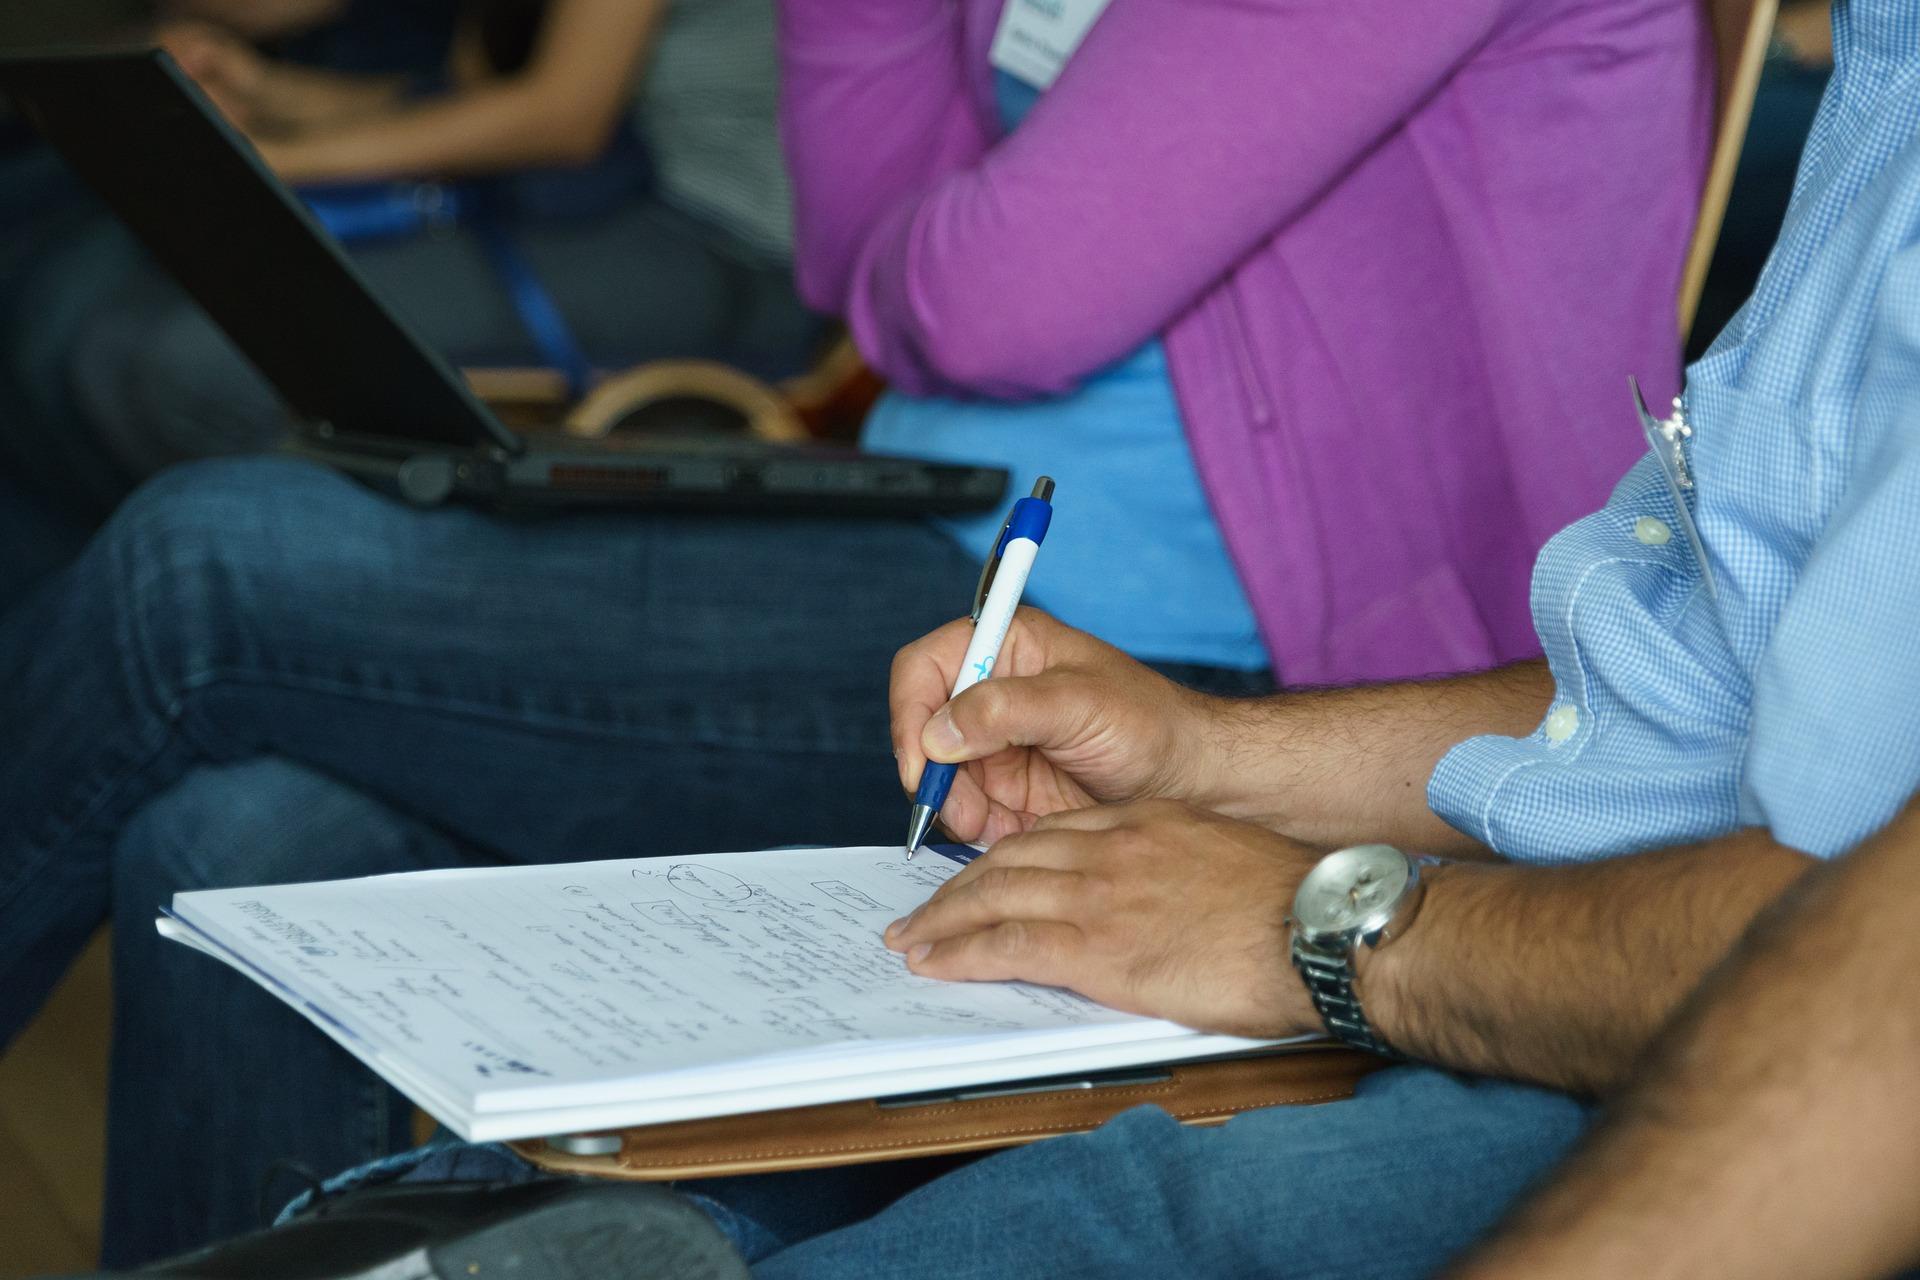 Das Besprechungsprotokoll – die Sitzungsresultate festhalten